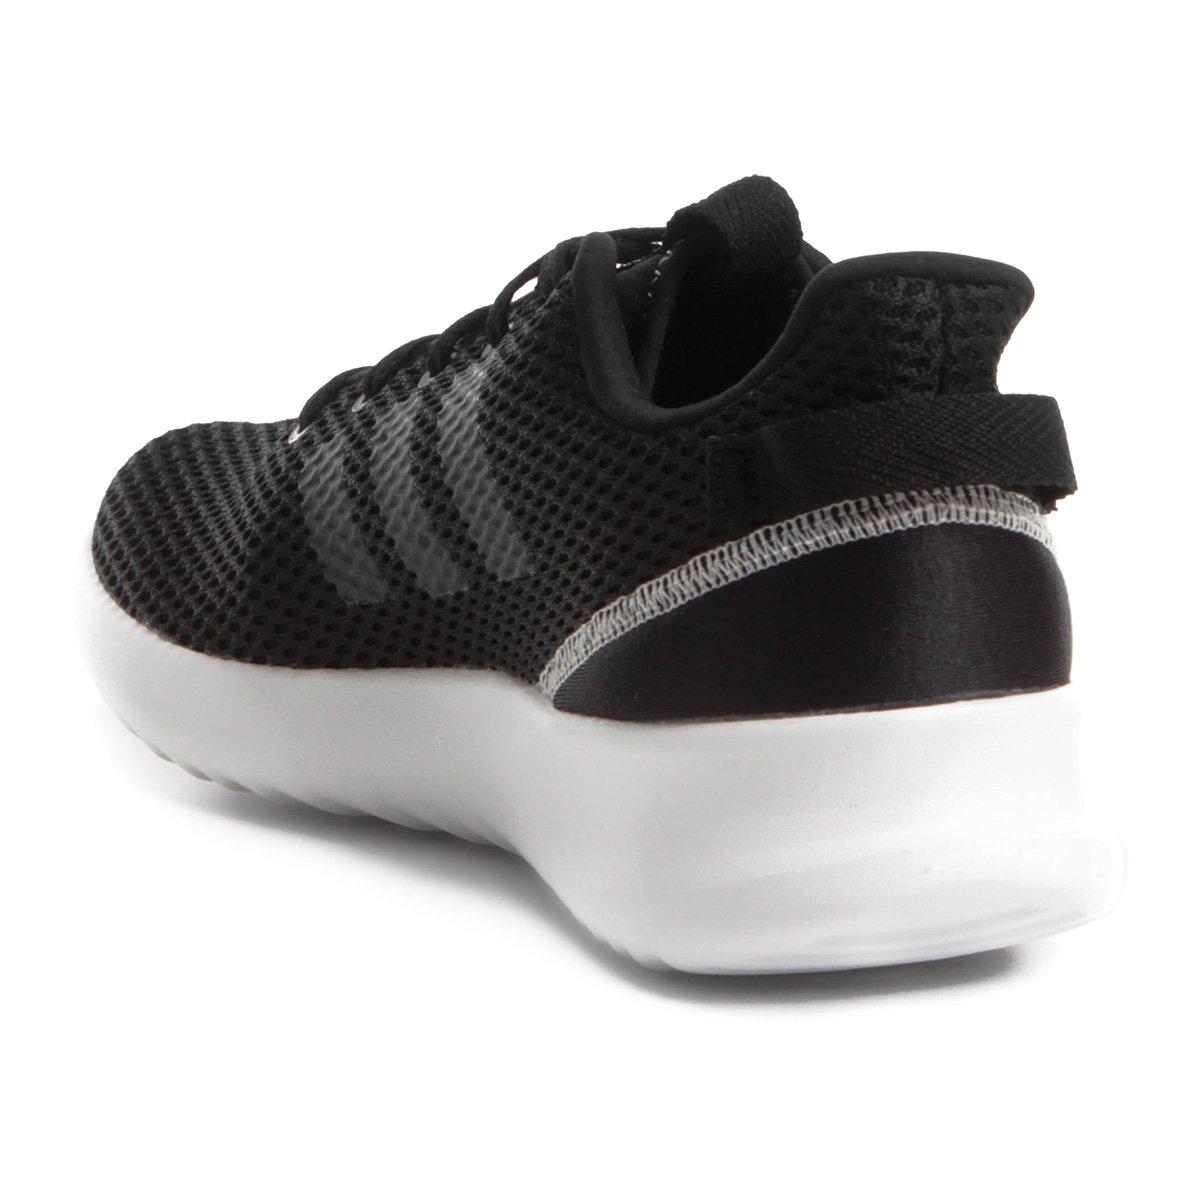 Tênis Adidas Cf Racer Tr W Feminino - Preto - Compre Agora  13157906e4923